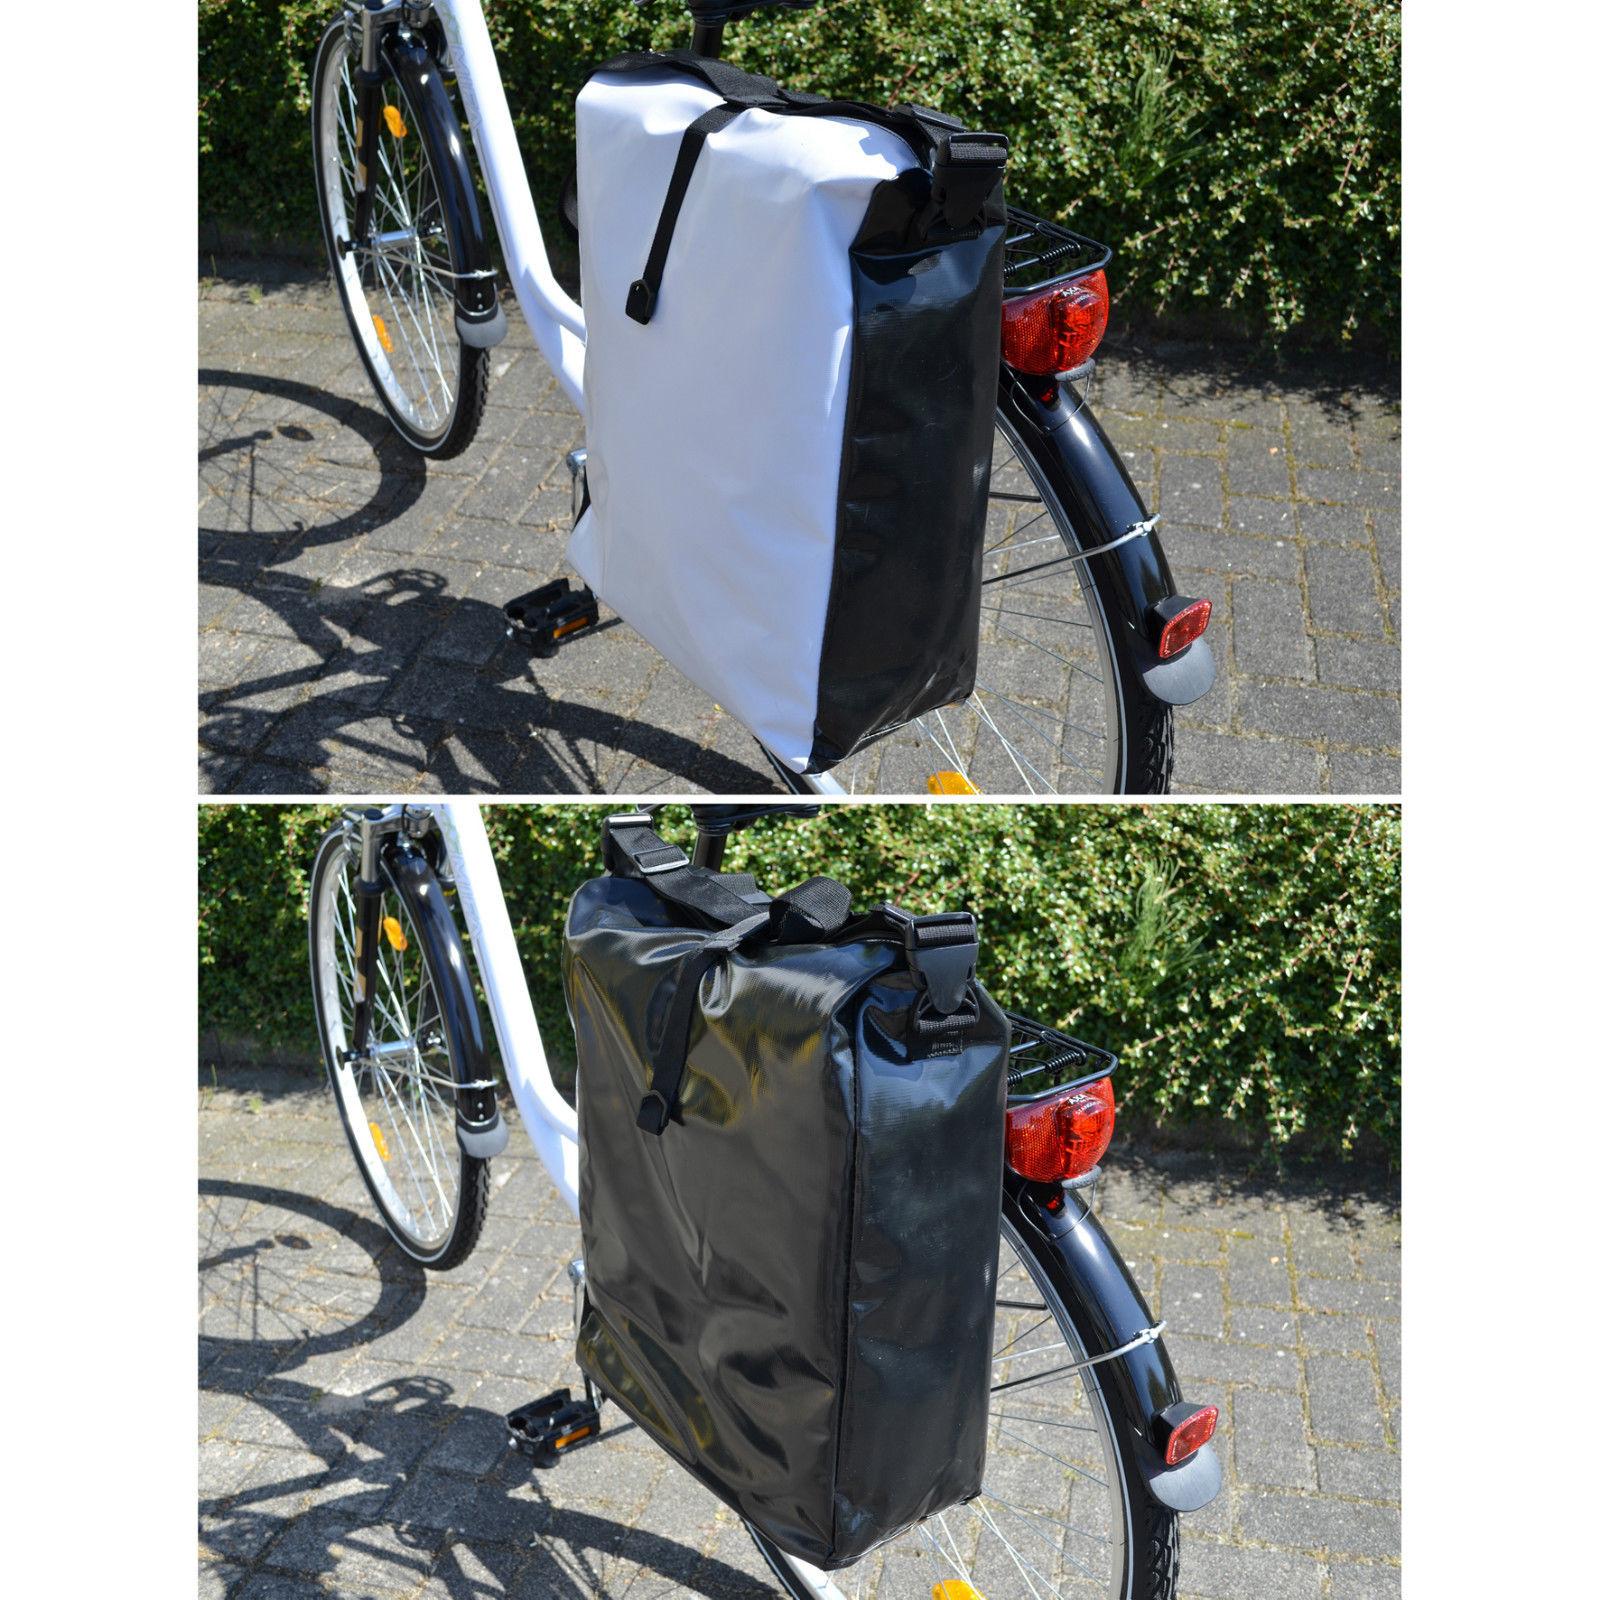 fahrradtasche wasserdicht lkw plane gep cktasche. Black Bedroom Furniture Sets. Home Design Ideas